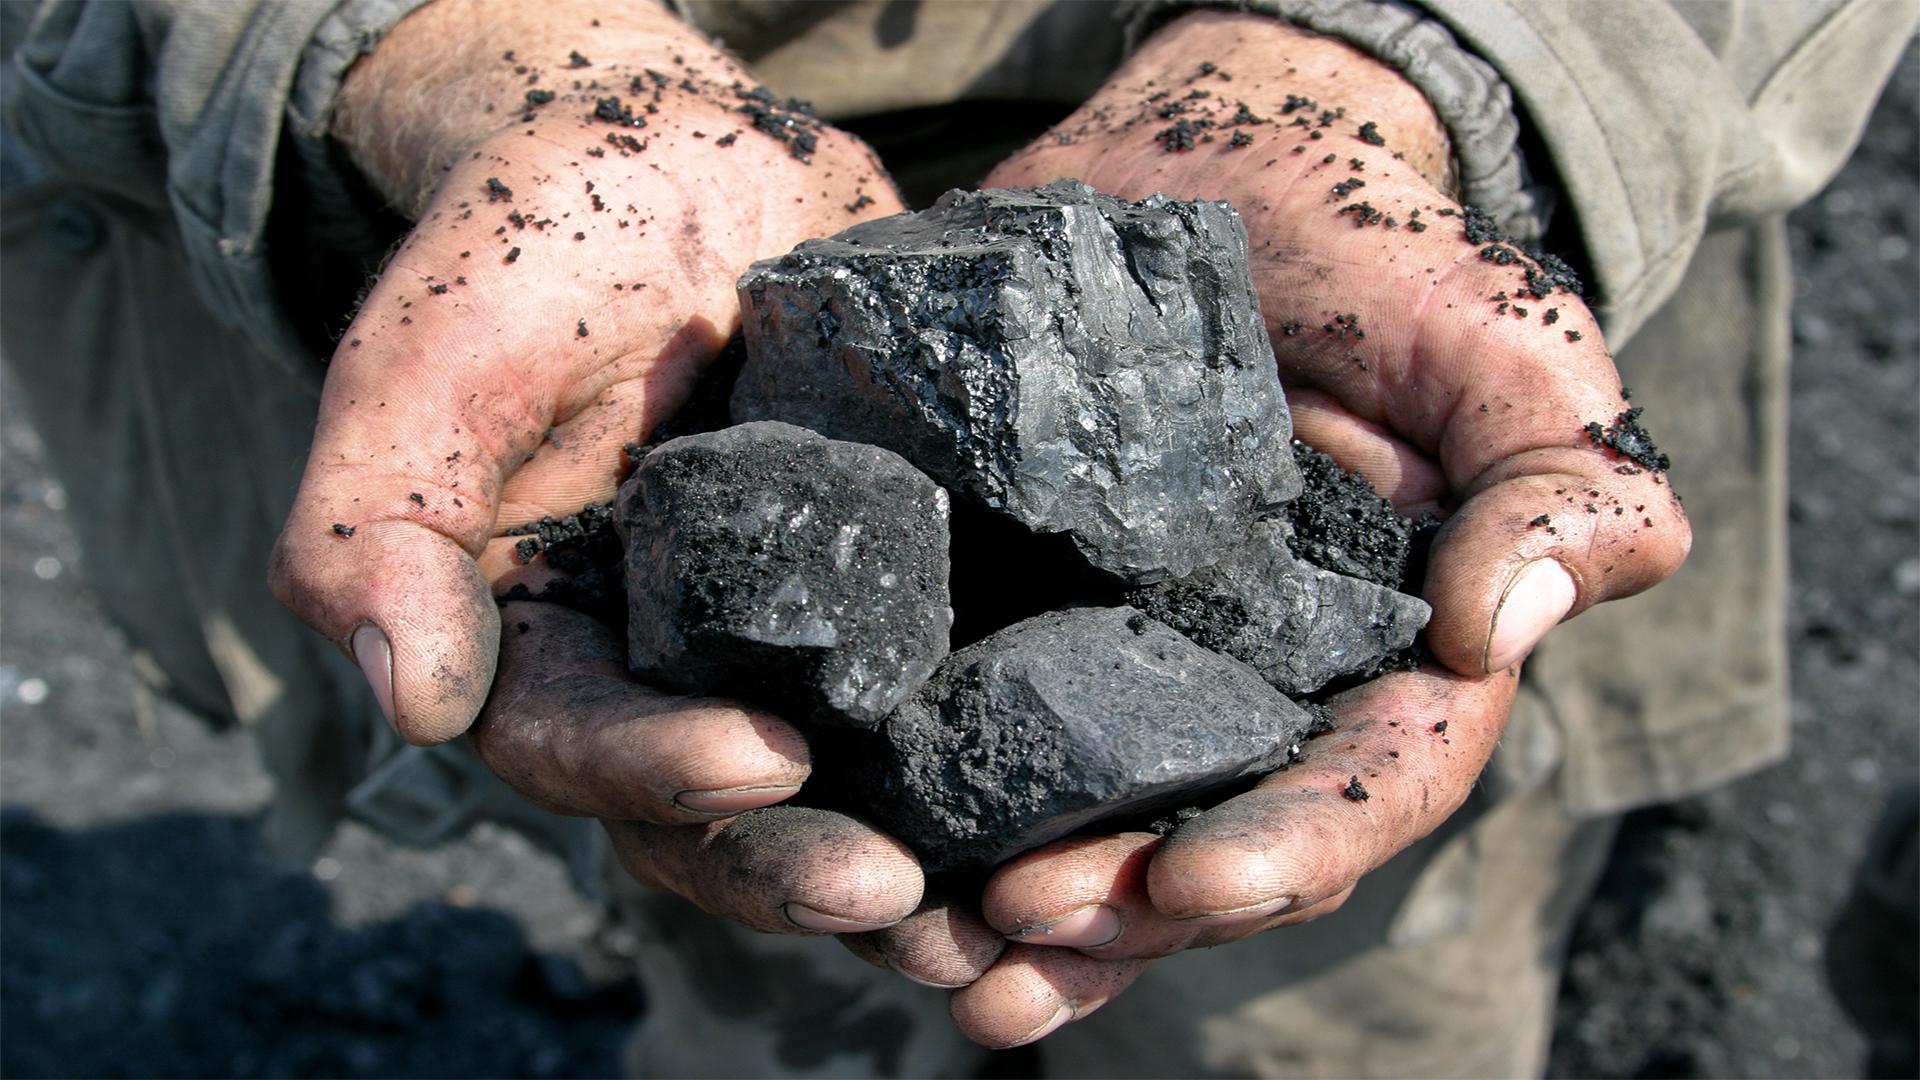 Coal in the hands of miner